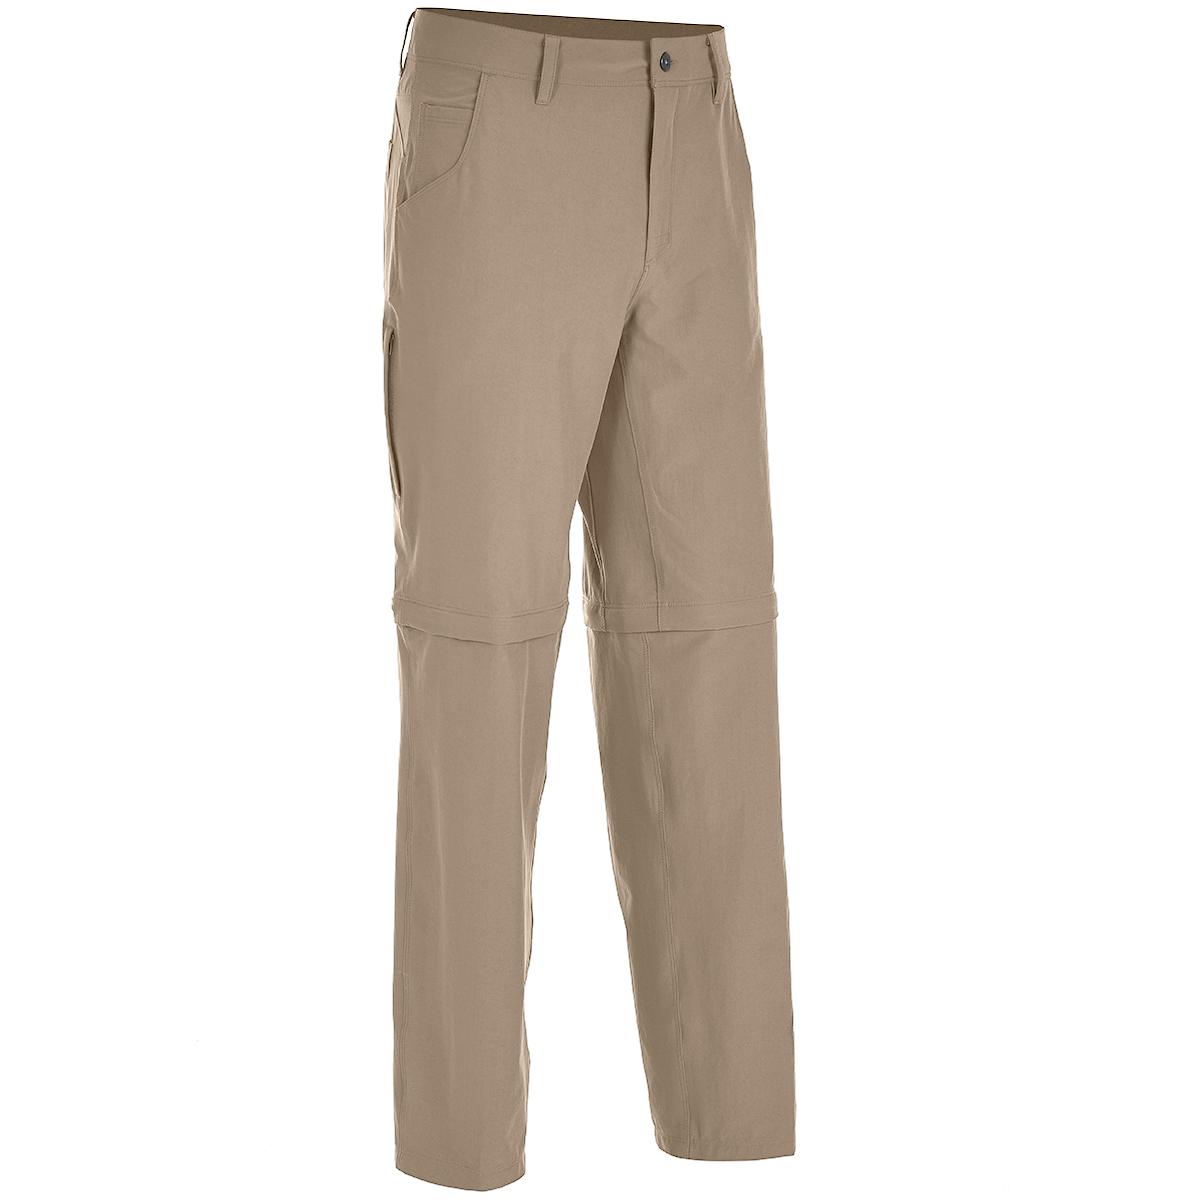 Ems Men's Go East Zip-Off Pants - Brown, 40/32